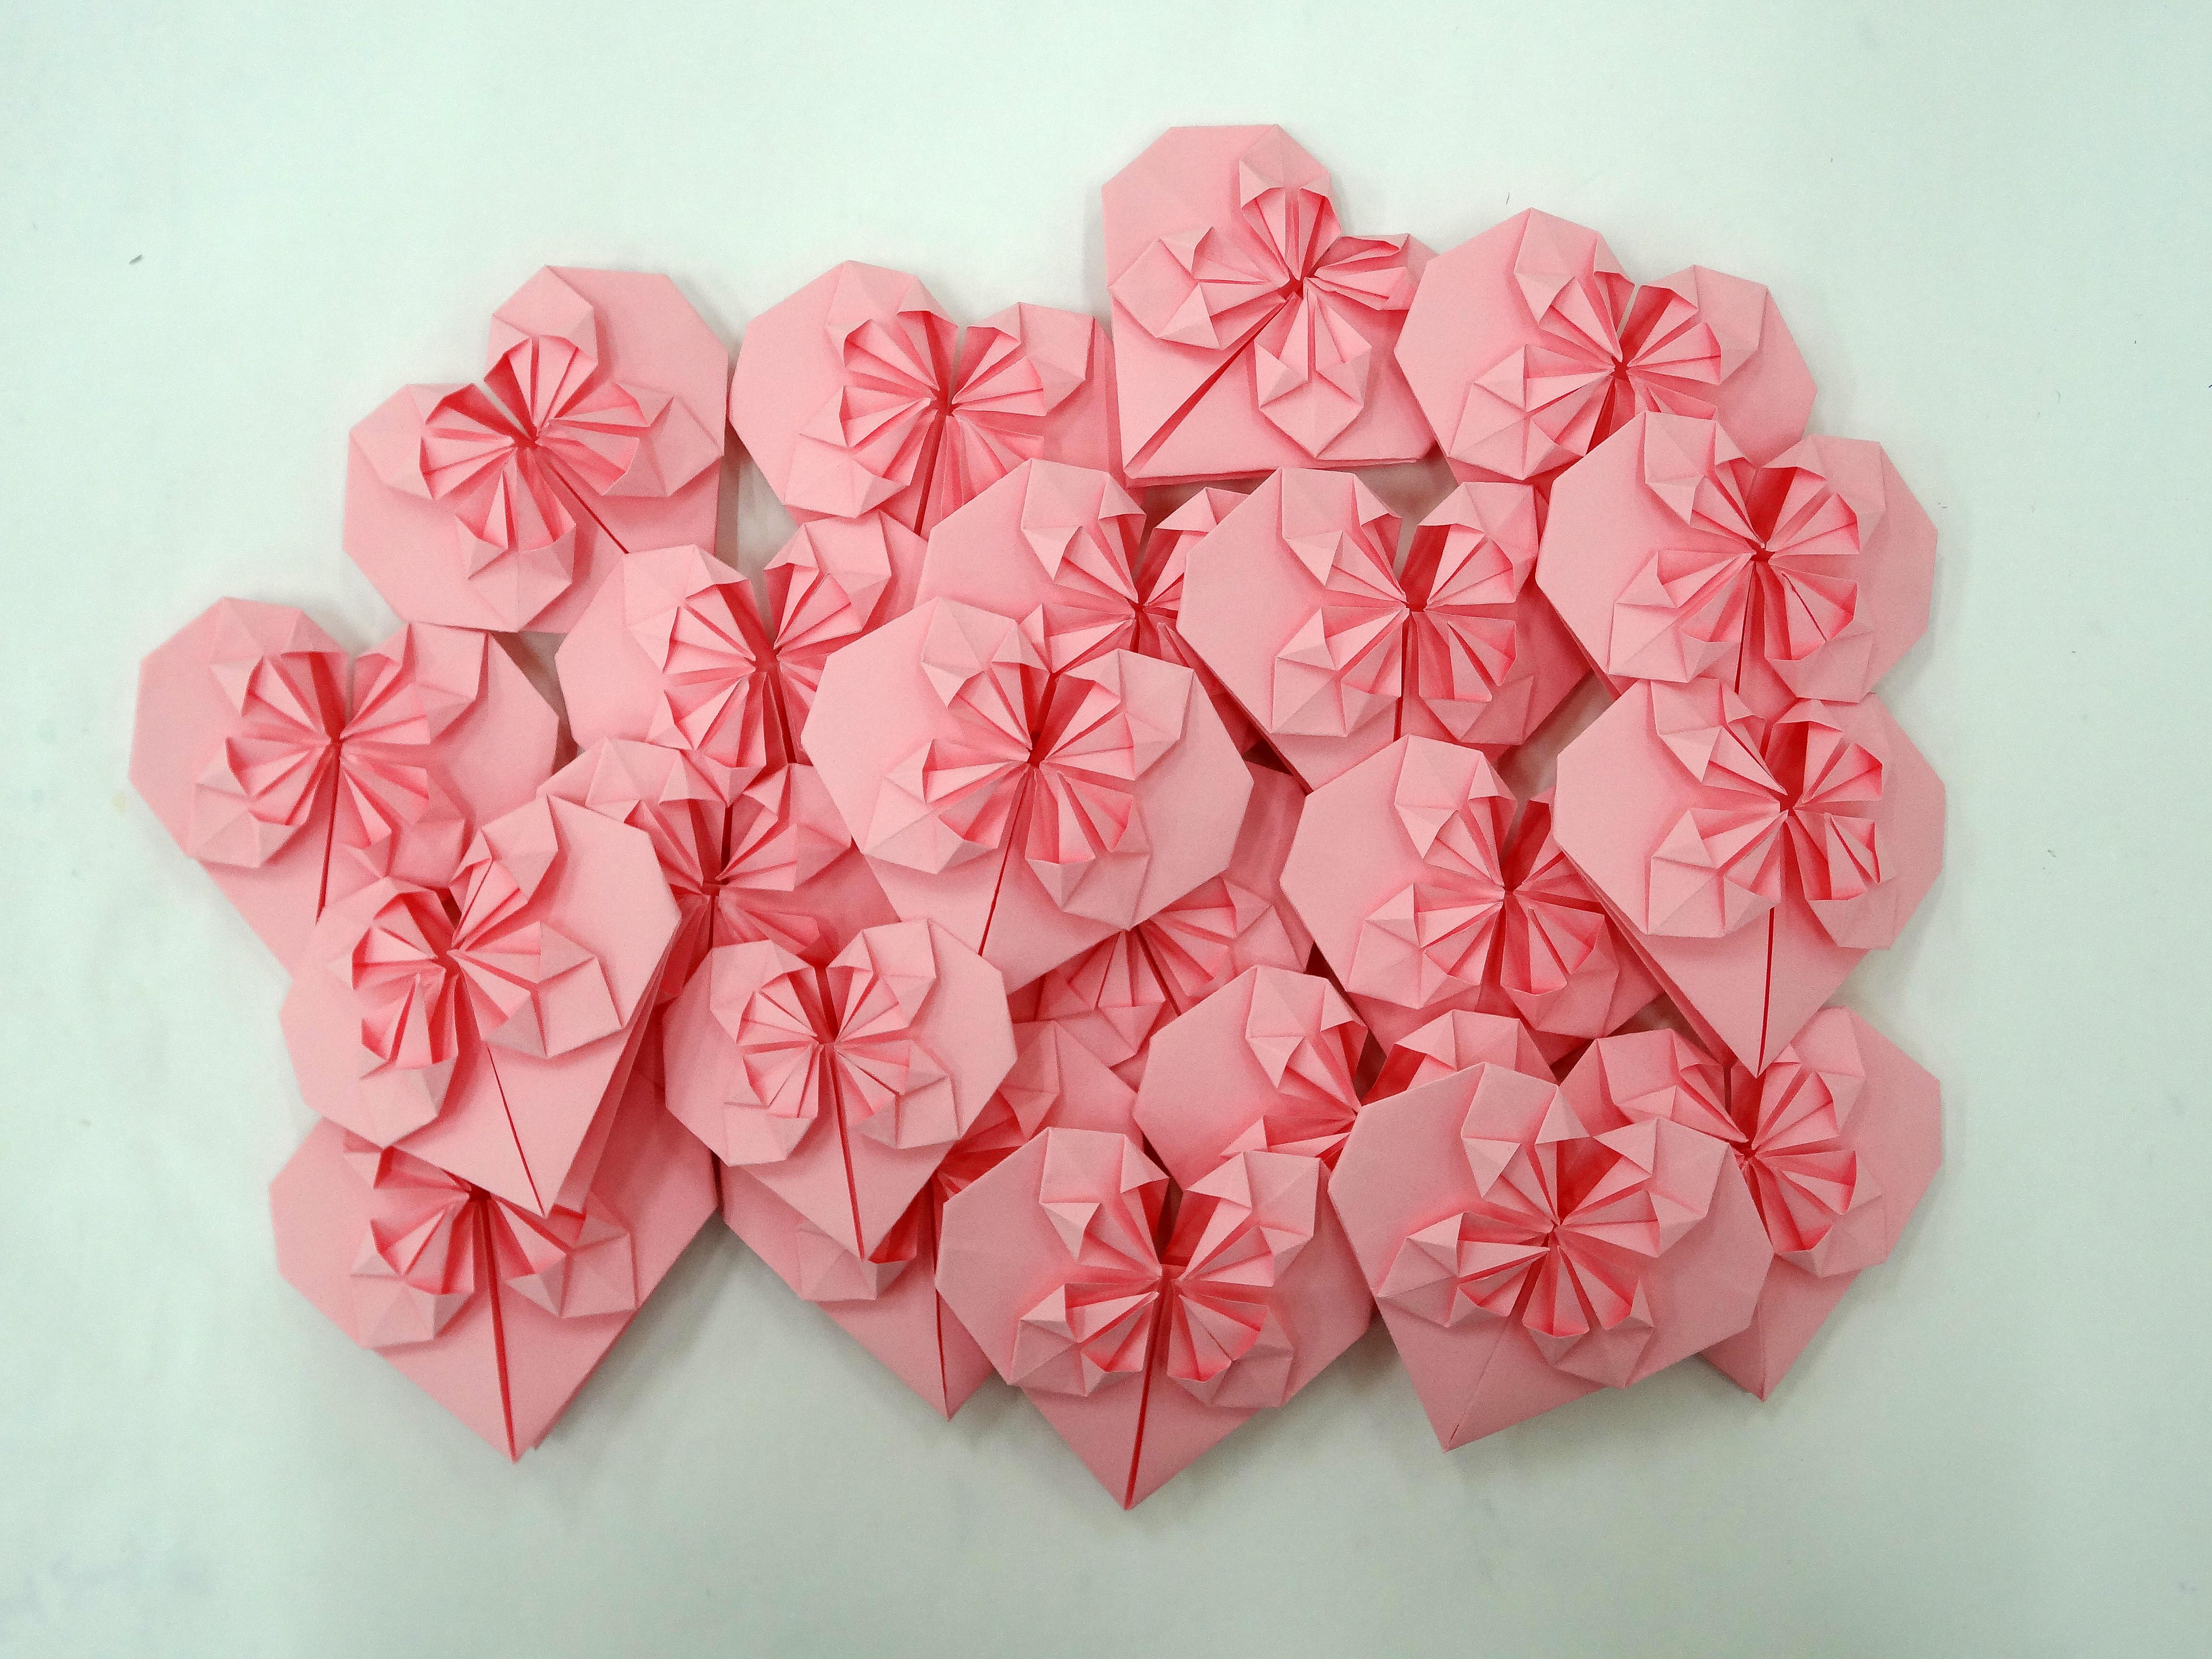 The Appreciative Meditation of Origami Hearts | Catherine ... - photo#22